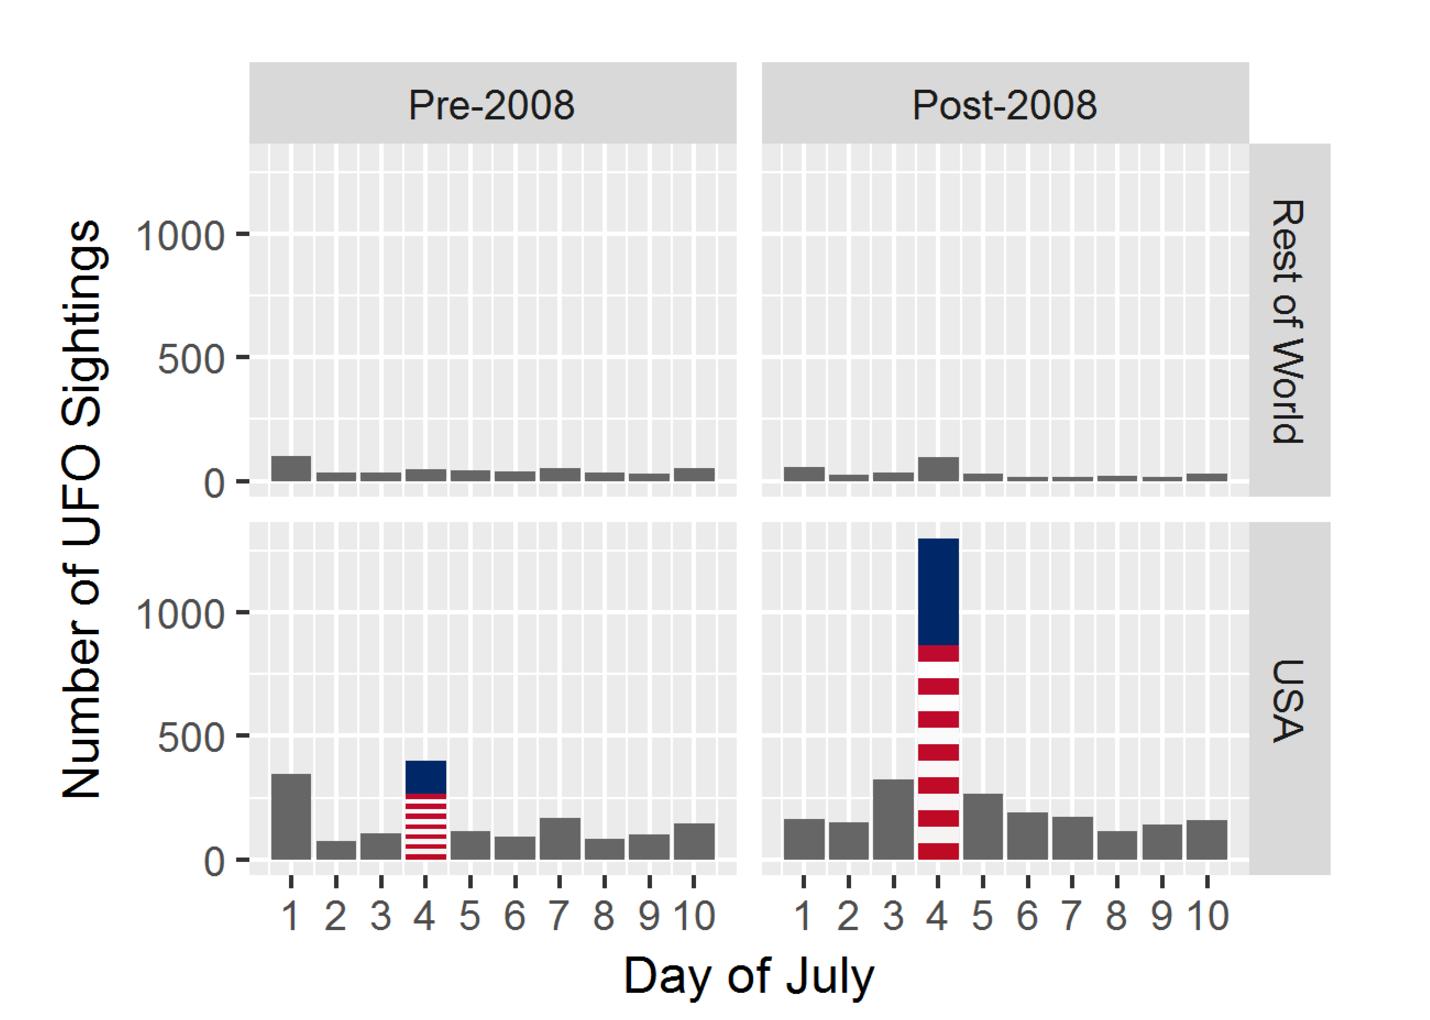 UFO sightings in the U.S. spike on July 4.